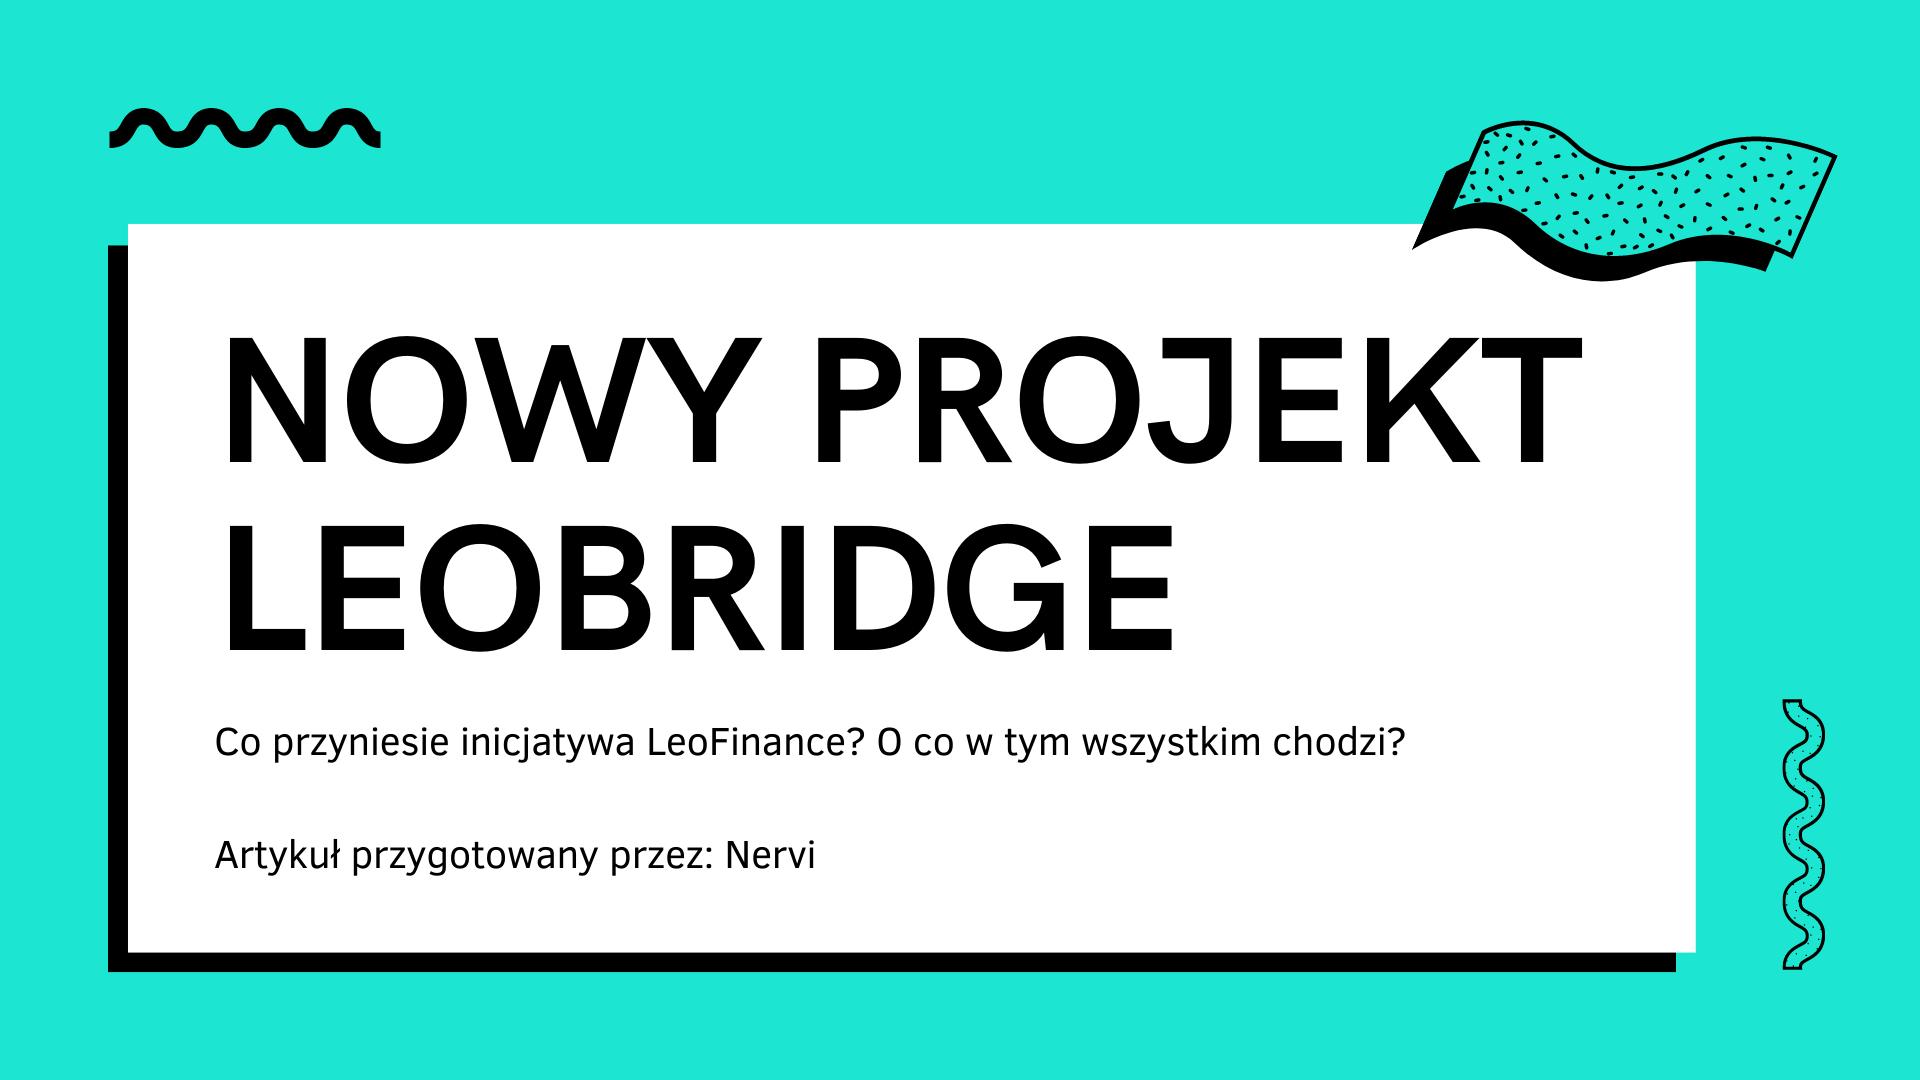 Nowy projekt leobridge.png